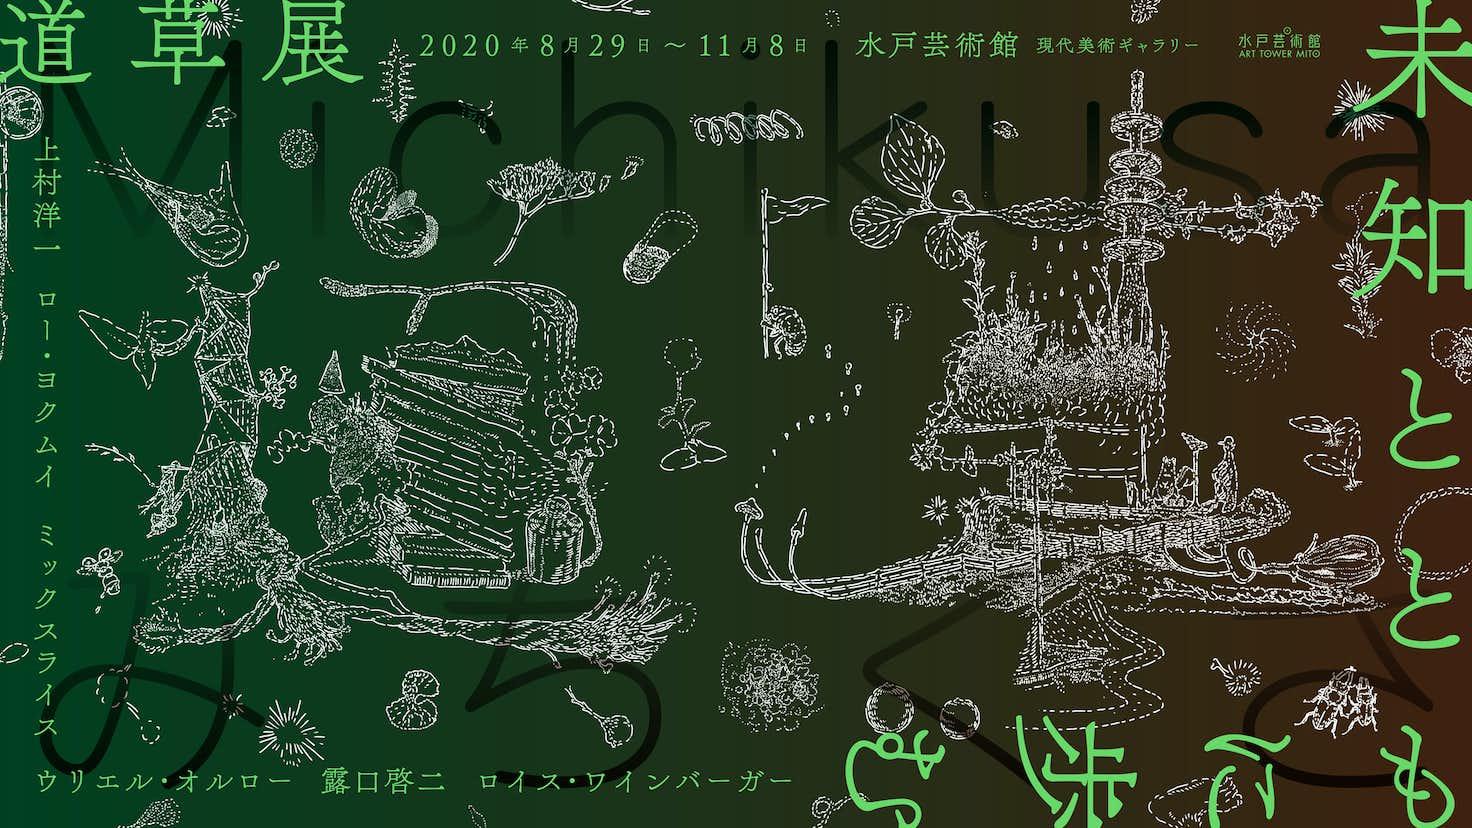 ロイス・ワインバーガーの遺作を展示。人間と環境のつながりを考える ...